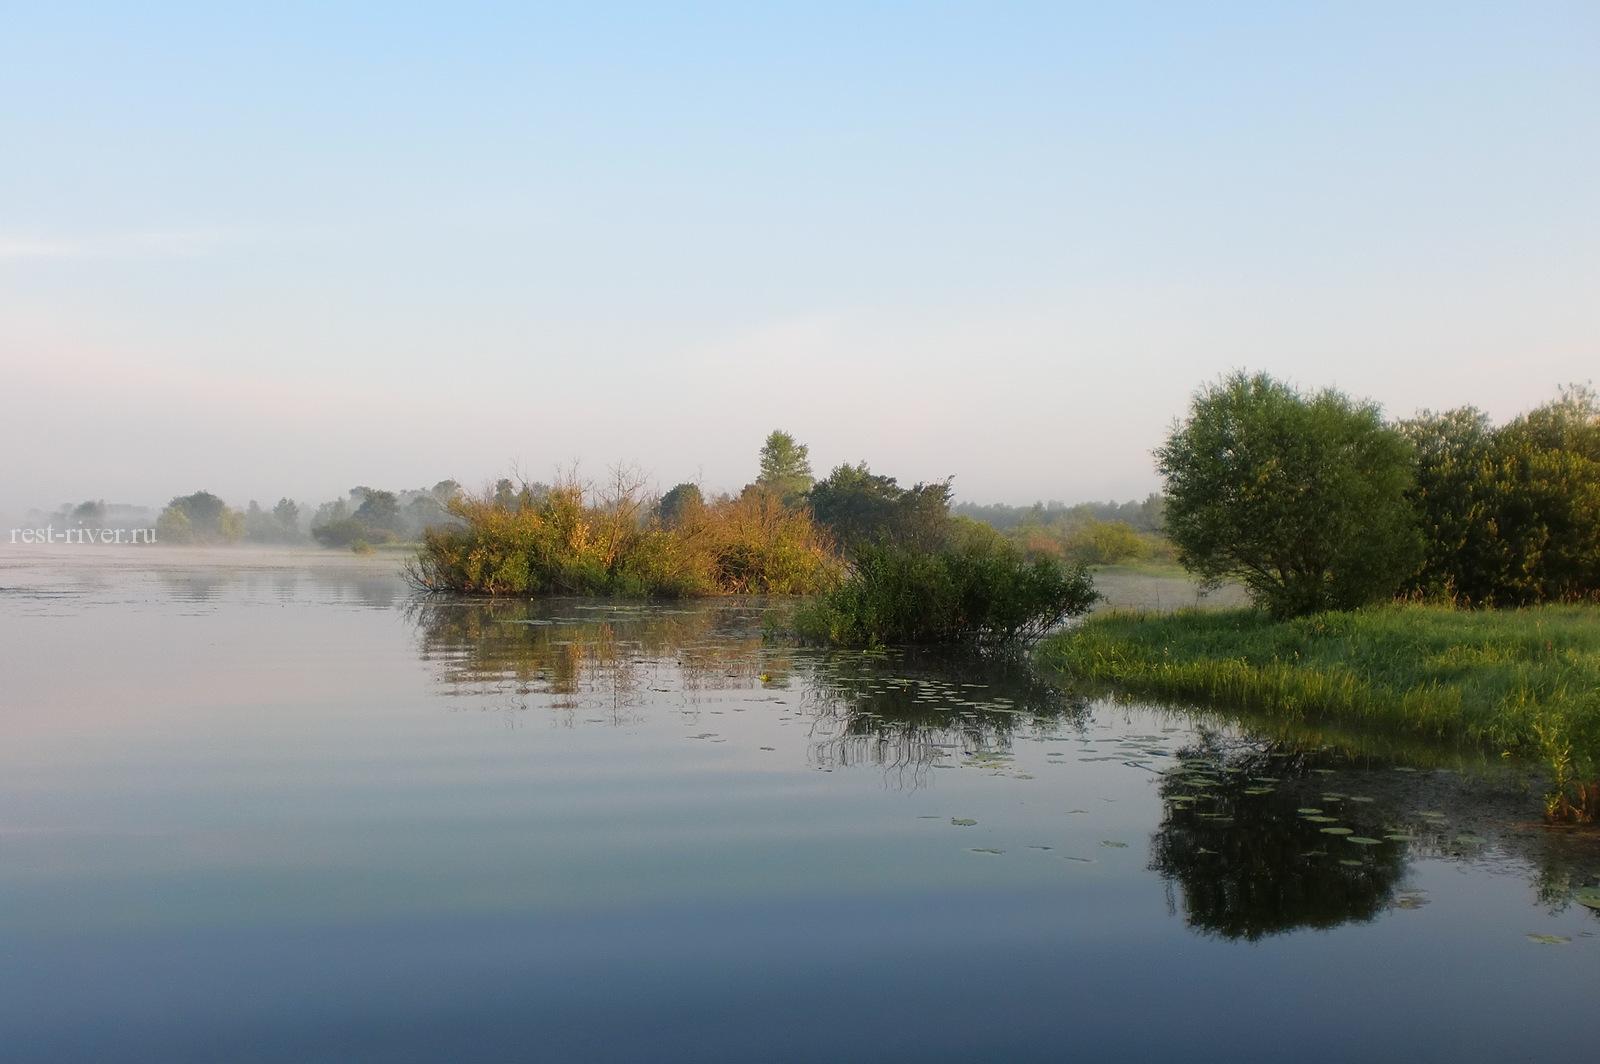 фото реки утром